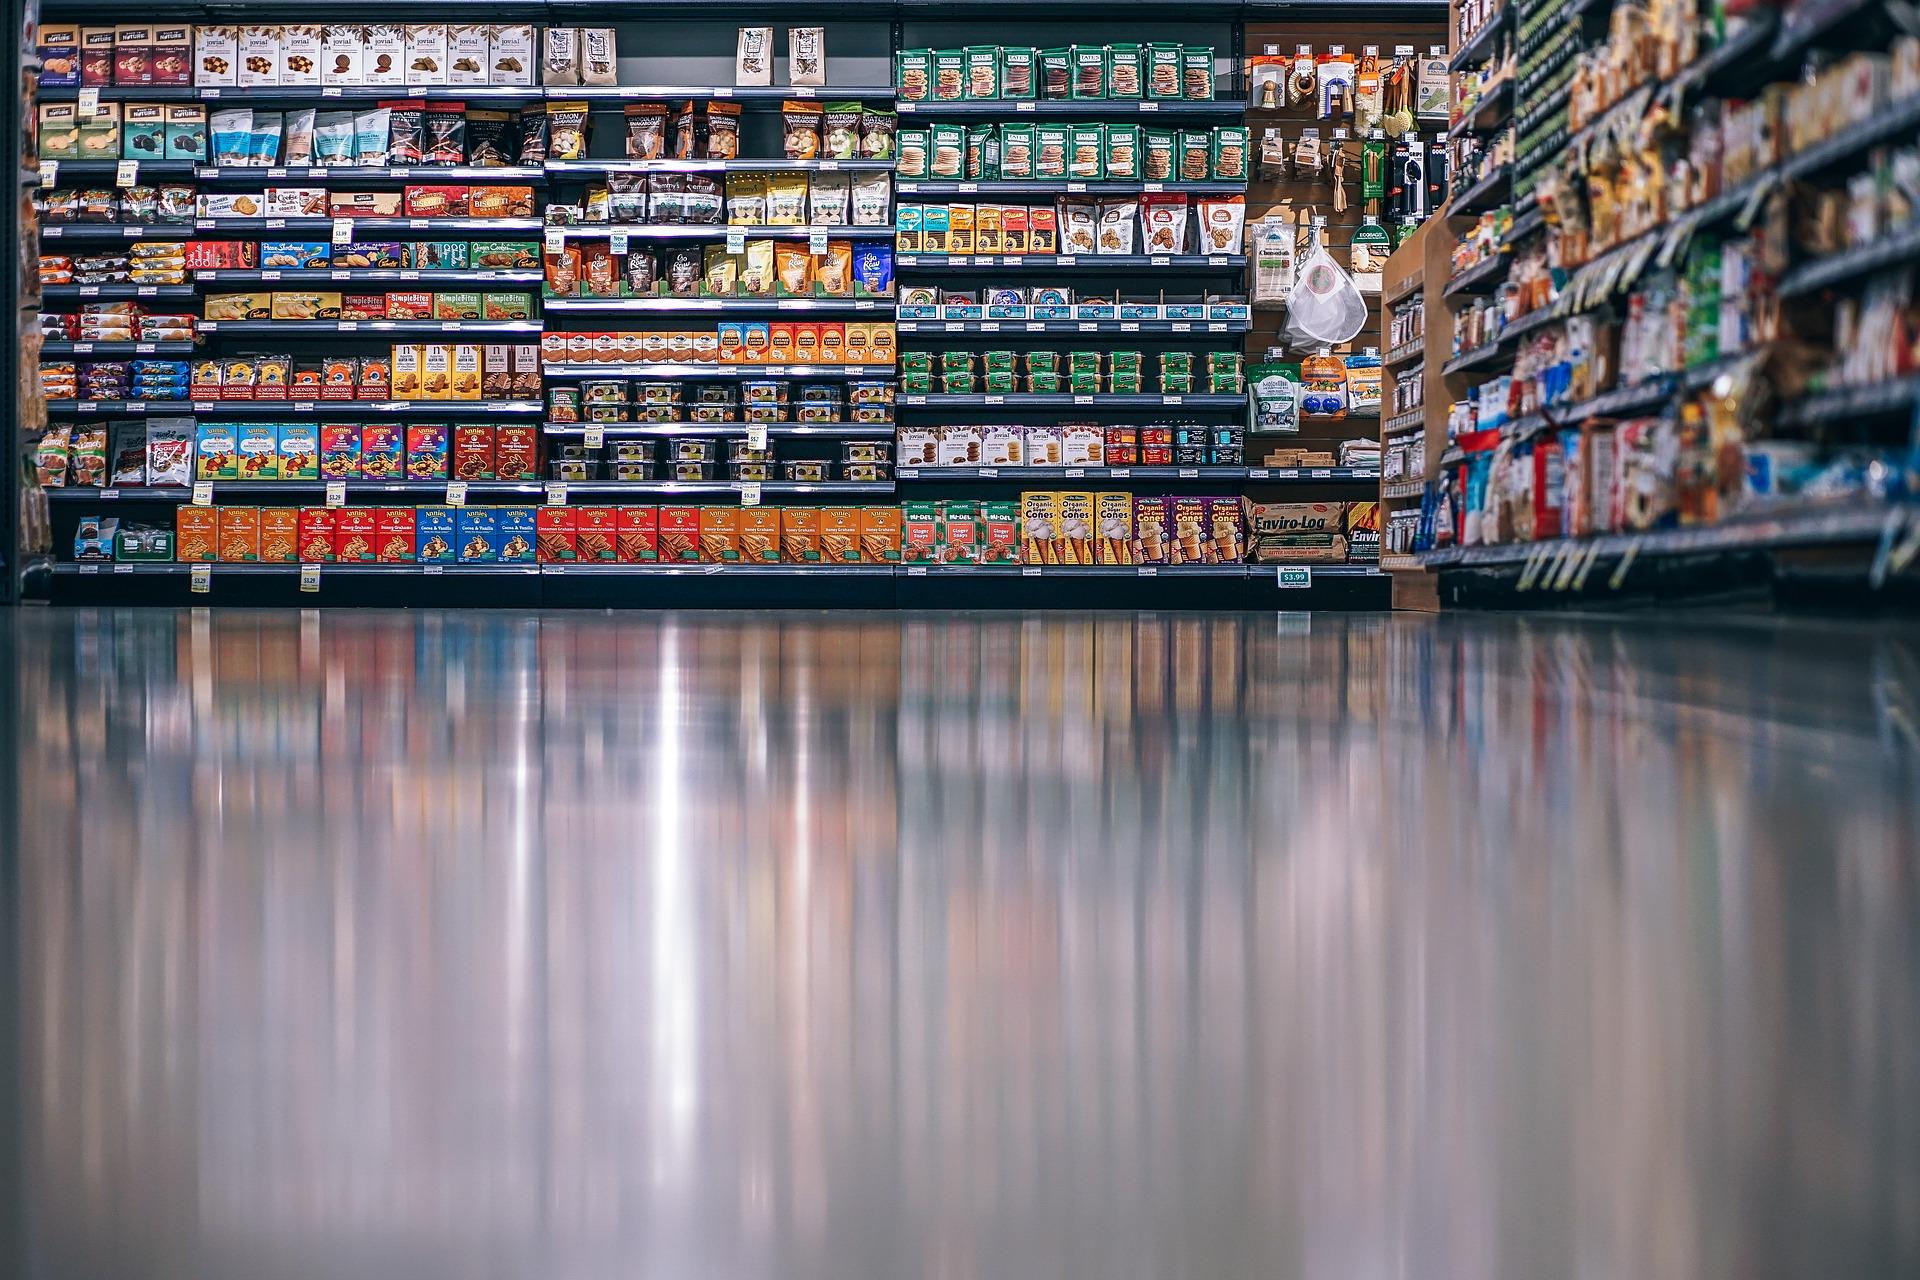 Dlaczego merchandising w placówce handlowej branży FMCG jest ważny?